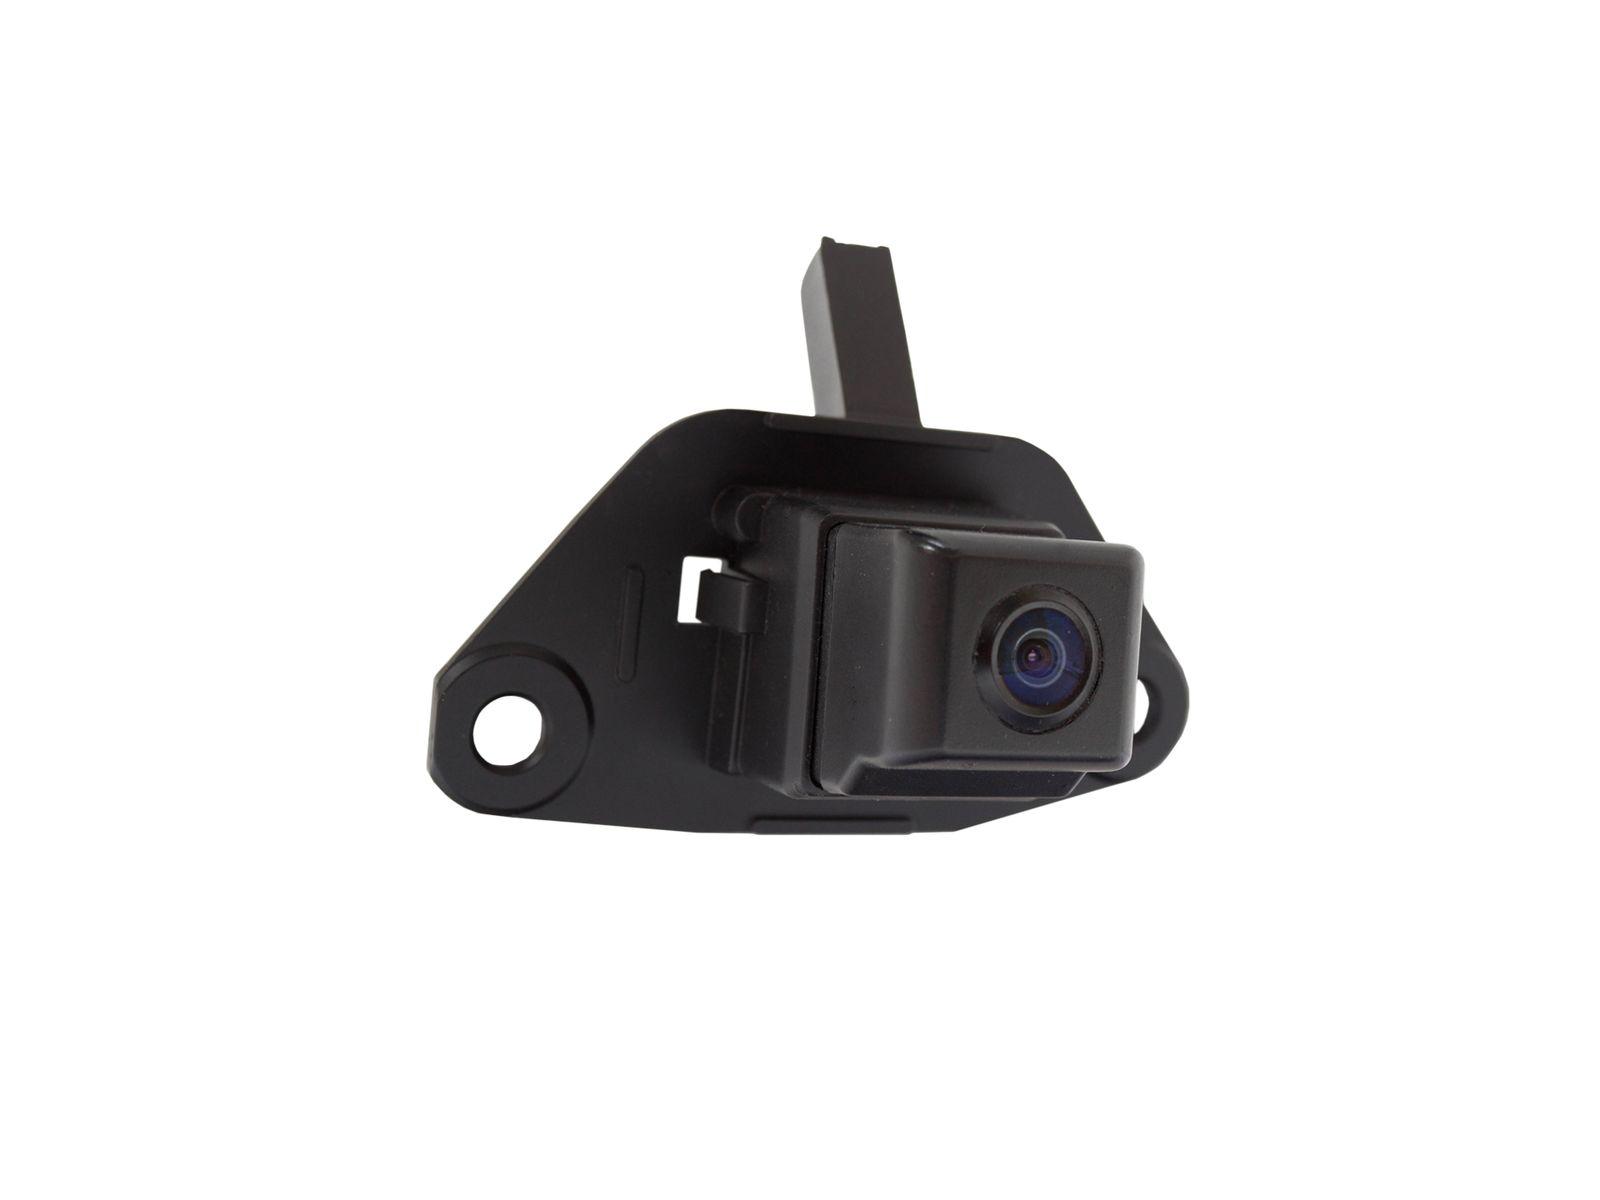 Автомобильная камера заднего вида ParkGuru для Toyota Highlander , Highlander FC-301-T2